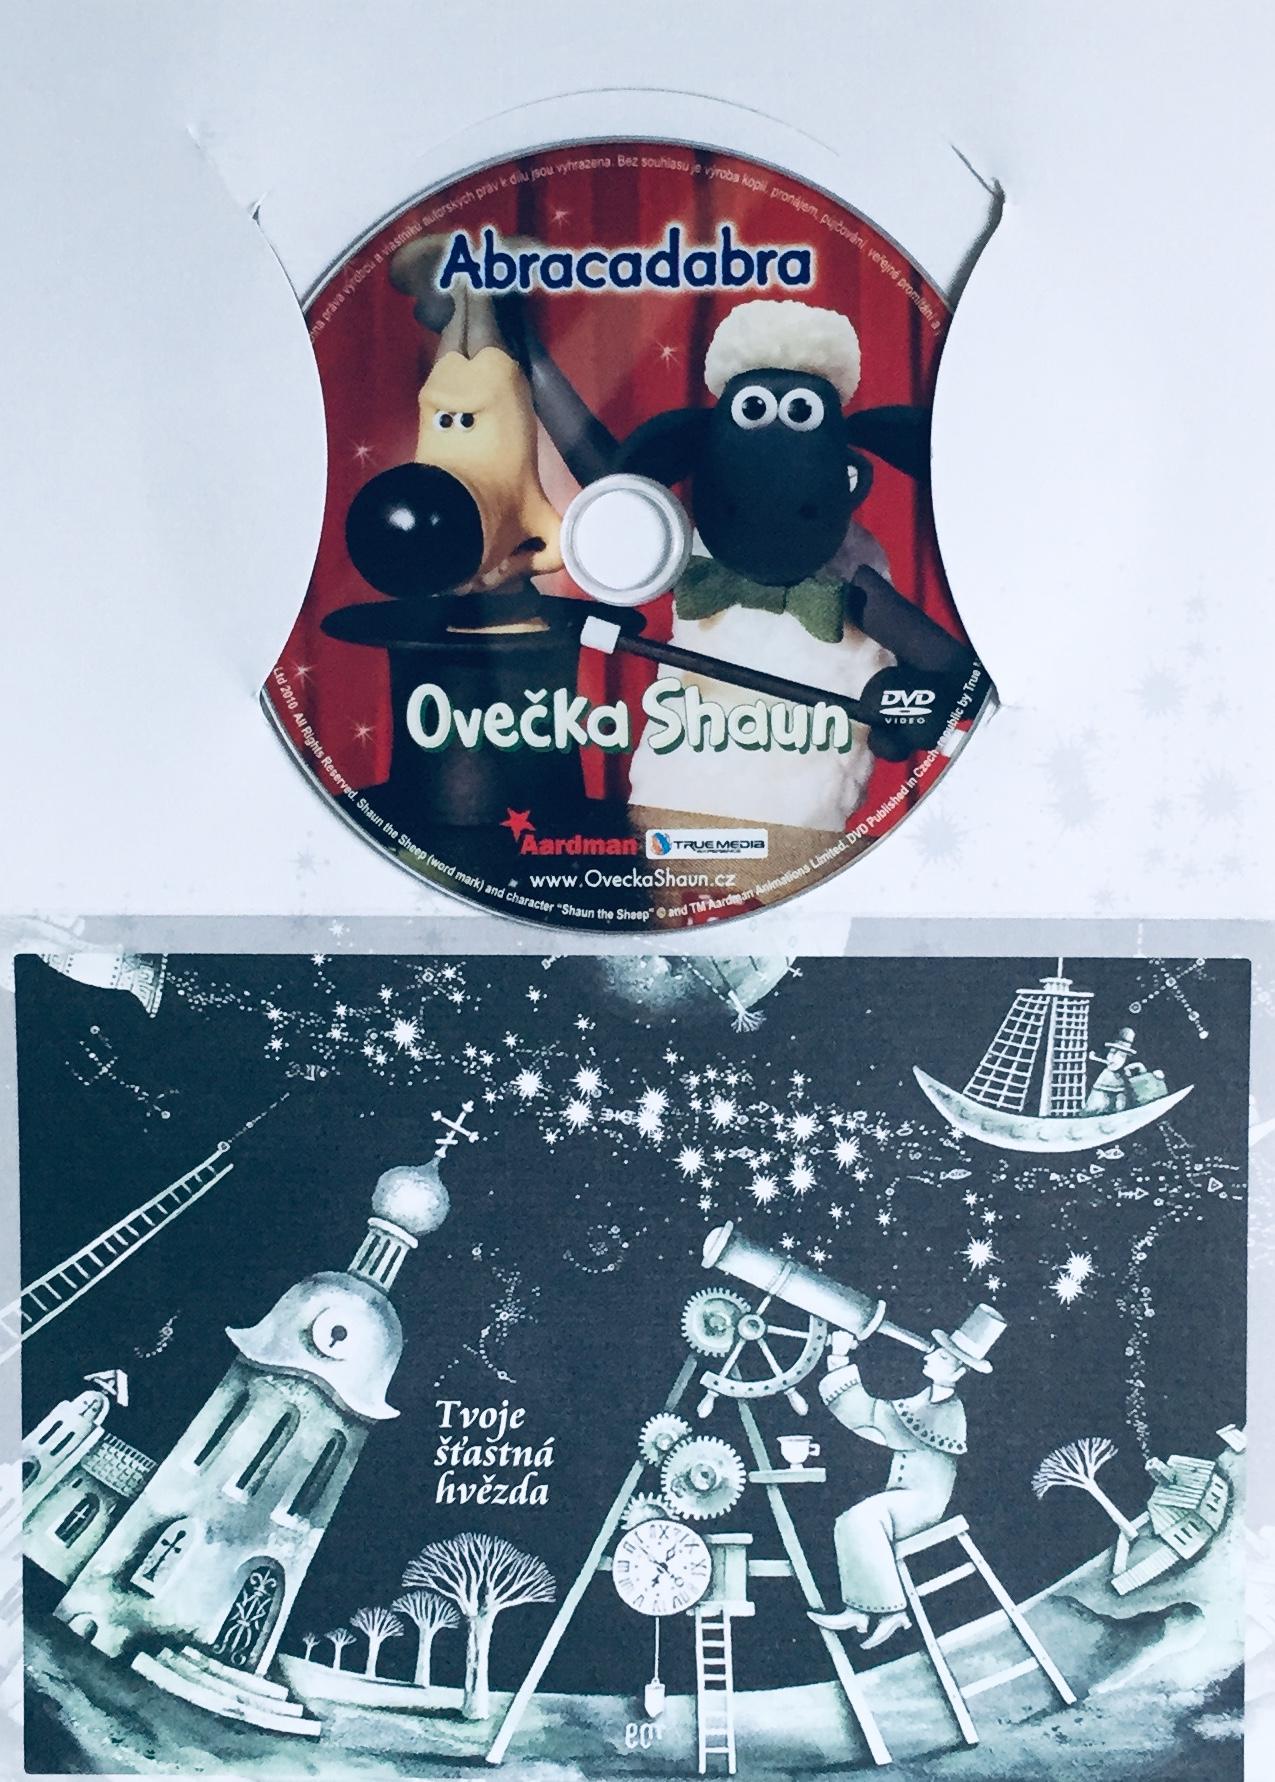 Ovečka Shaun - Abracadabra - DVD /dárkový obal/